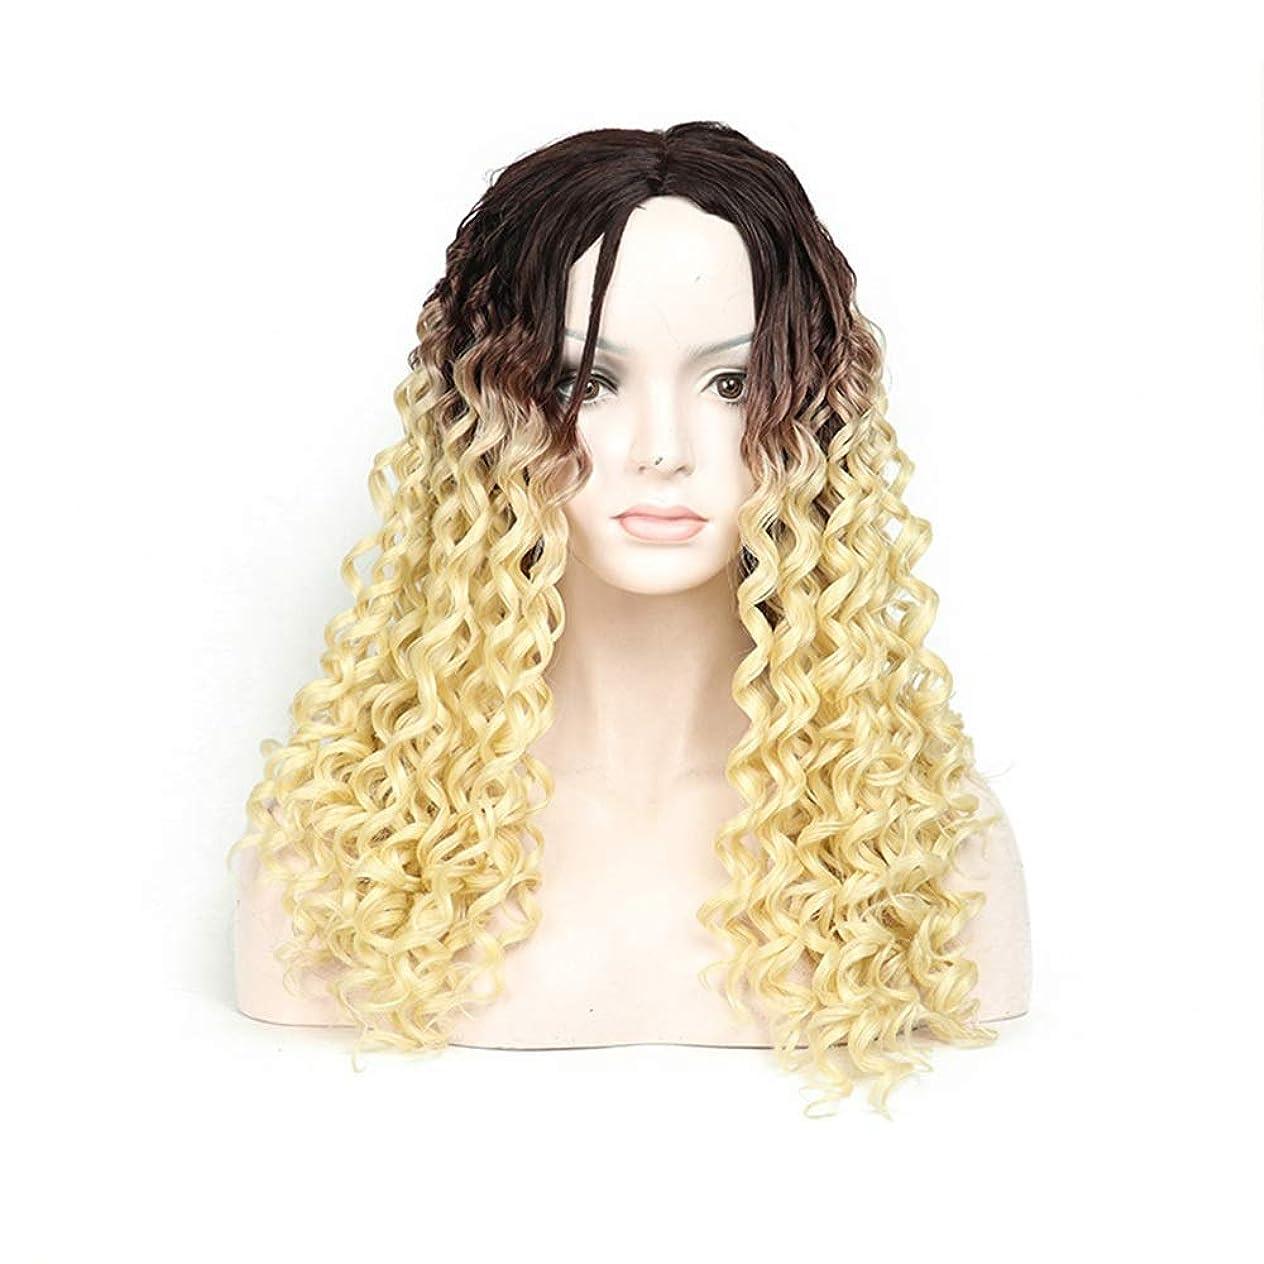 以来ぎこちない前部BOBIDYEE 613#美容女性のファッション黒のグラデーションブロンドの髪の長い巻き毛のかつら毎日のドレスパーティーのかつら (Color : Blonde)